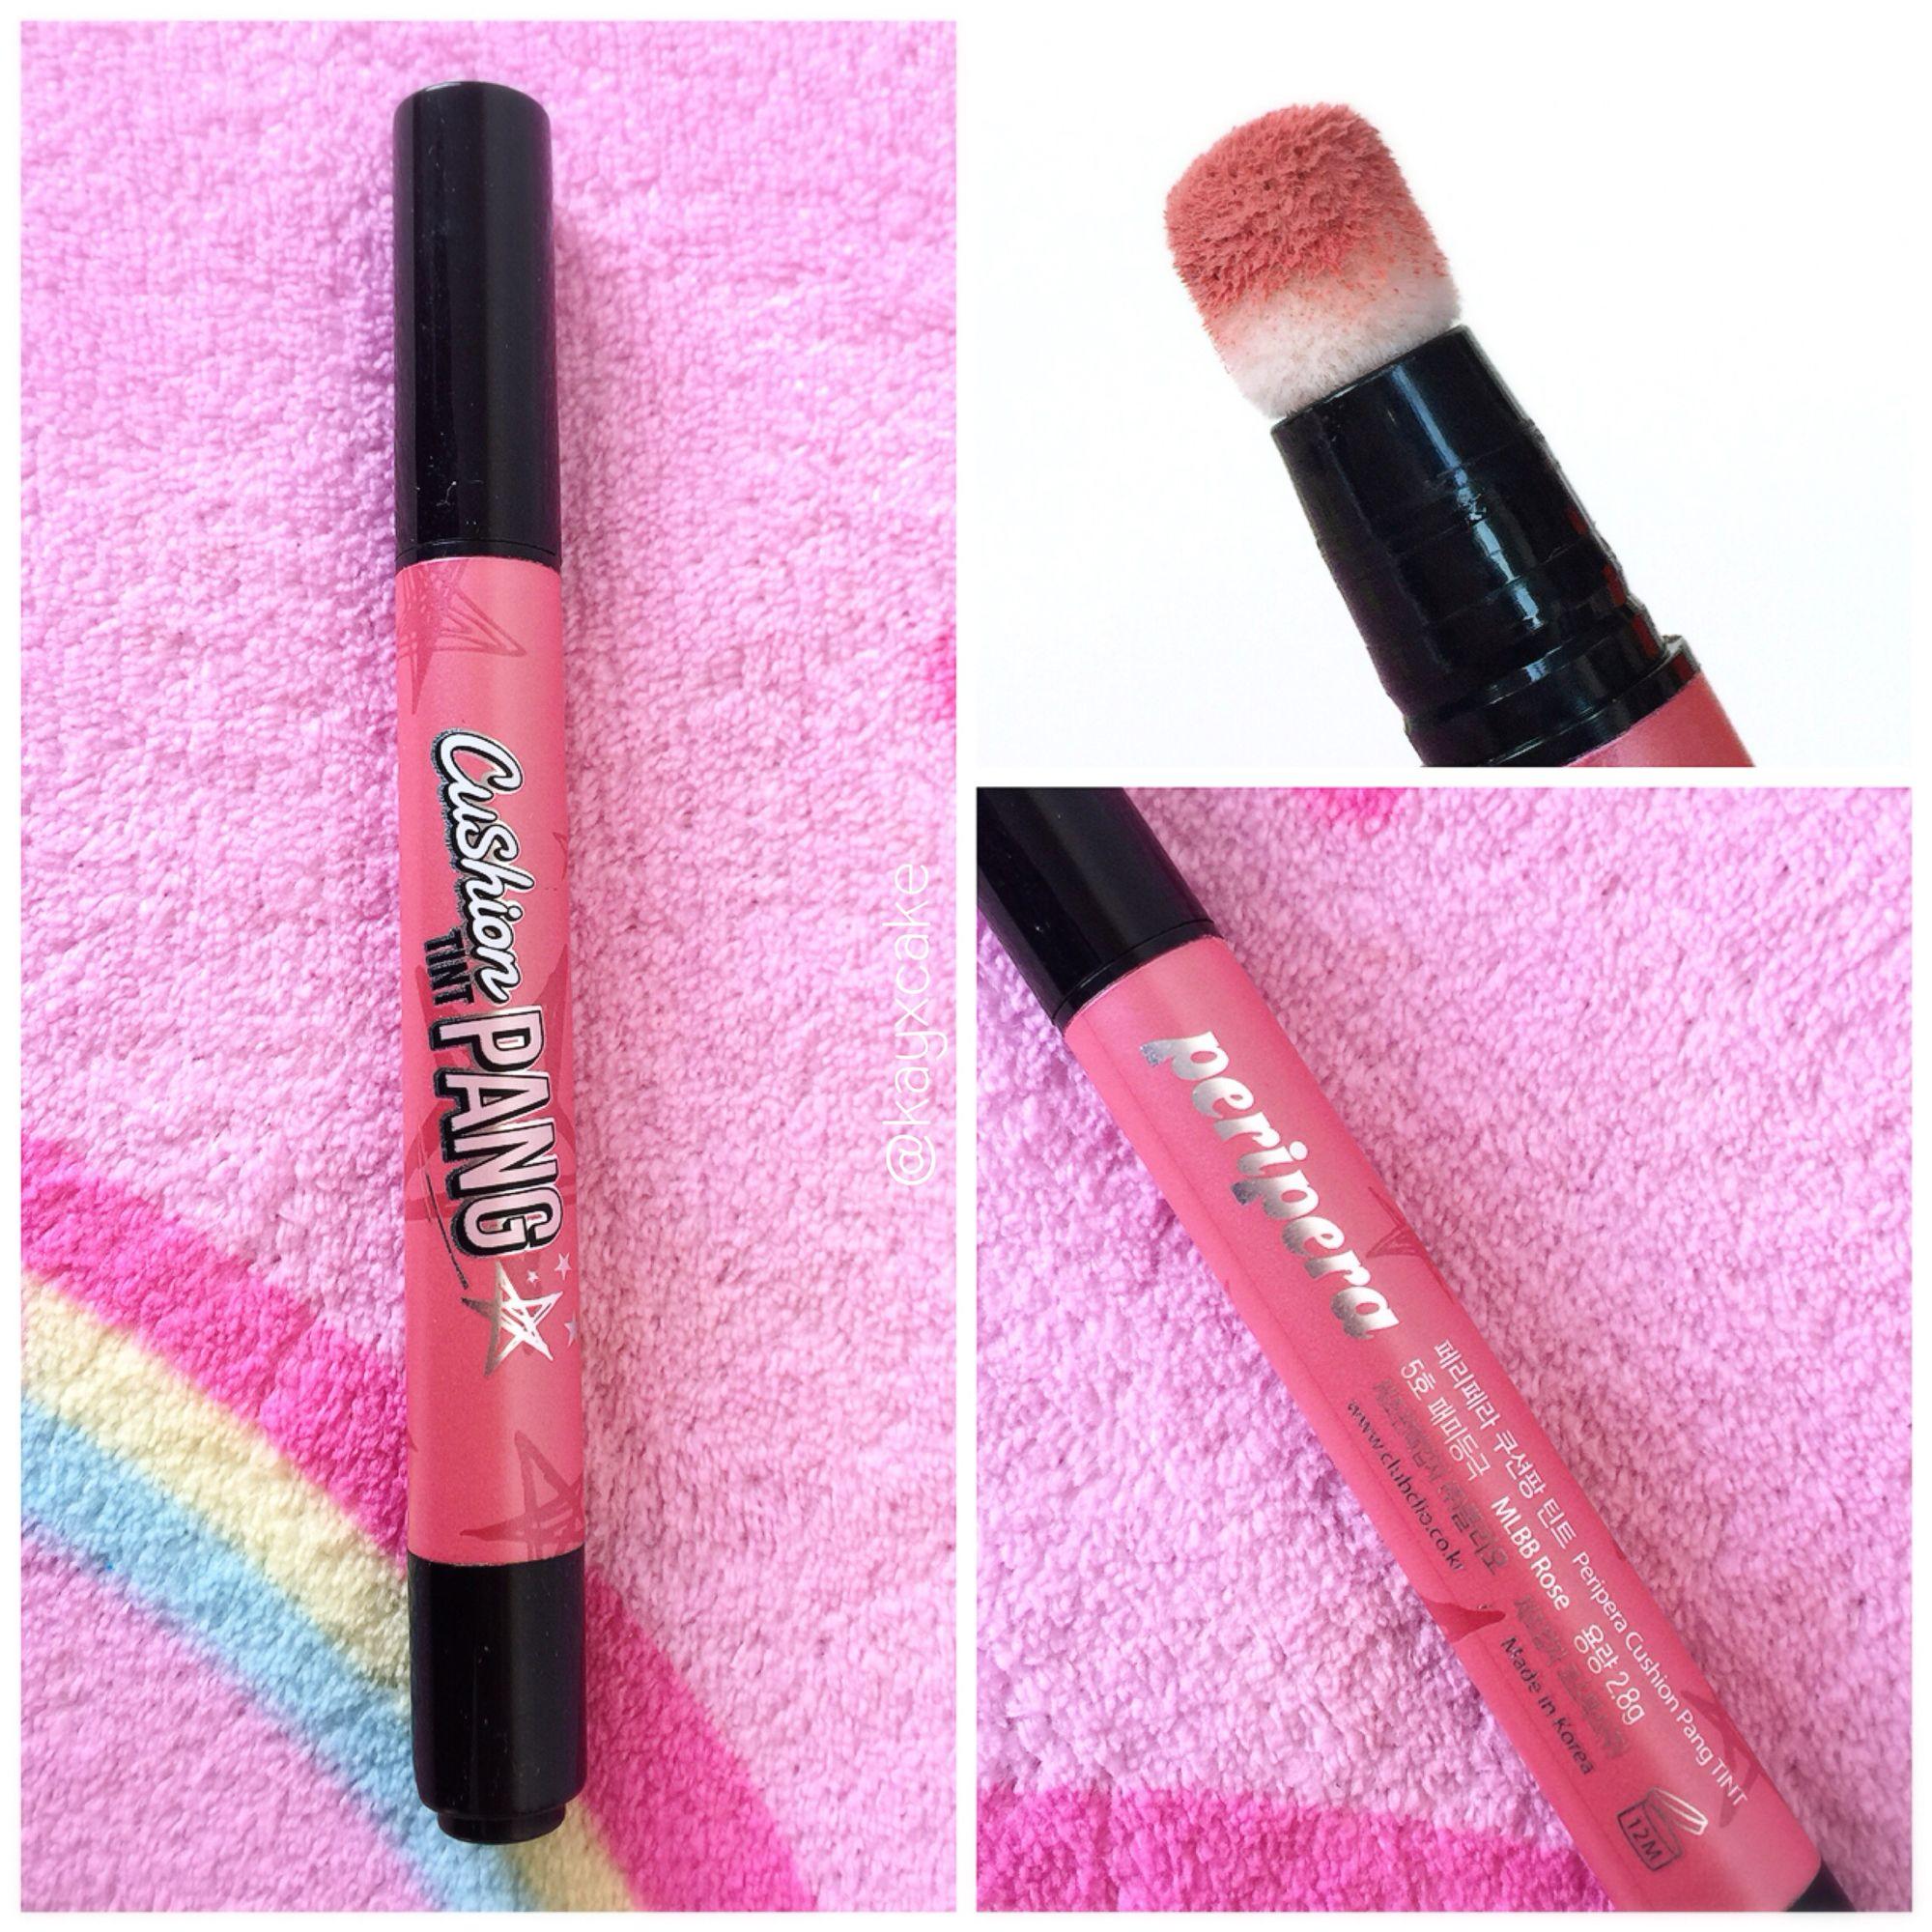 Peripera Cushion Pang Tint MLBB Rose kayxcake Makeup